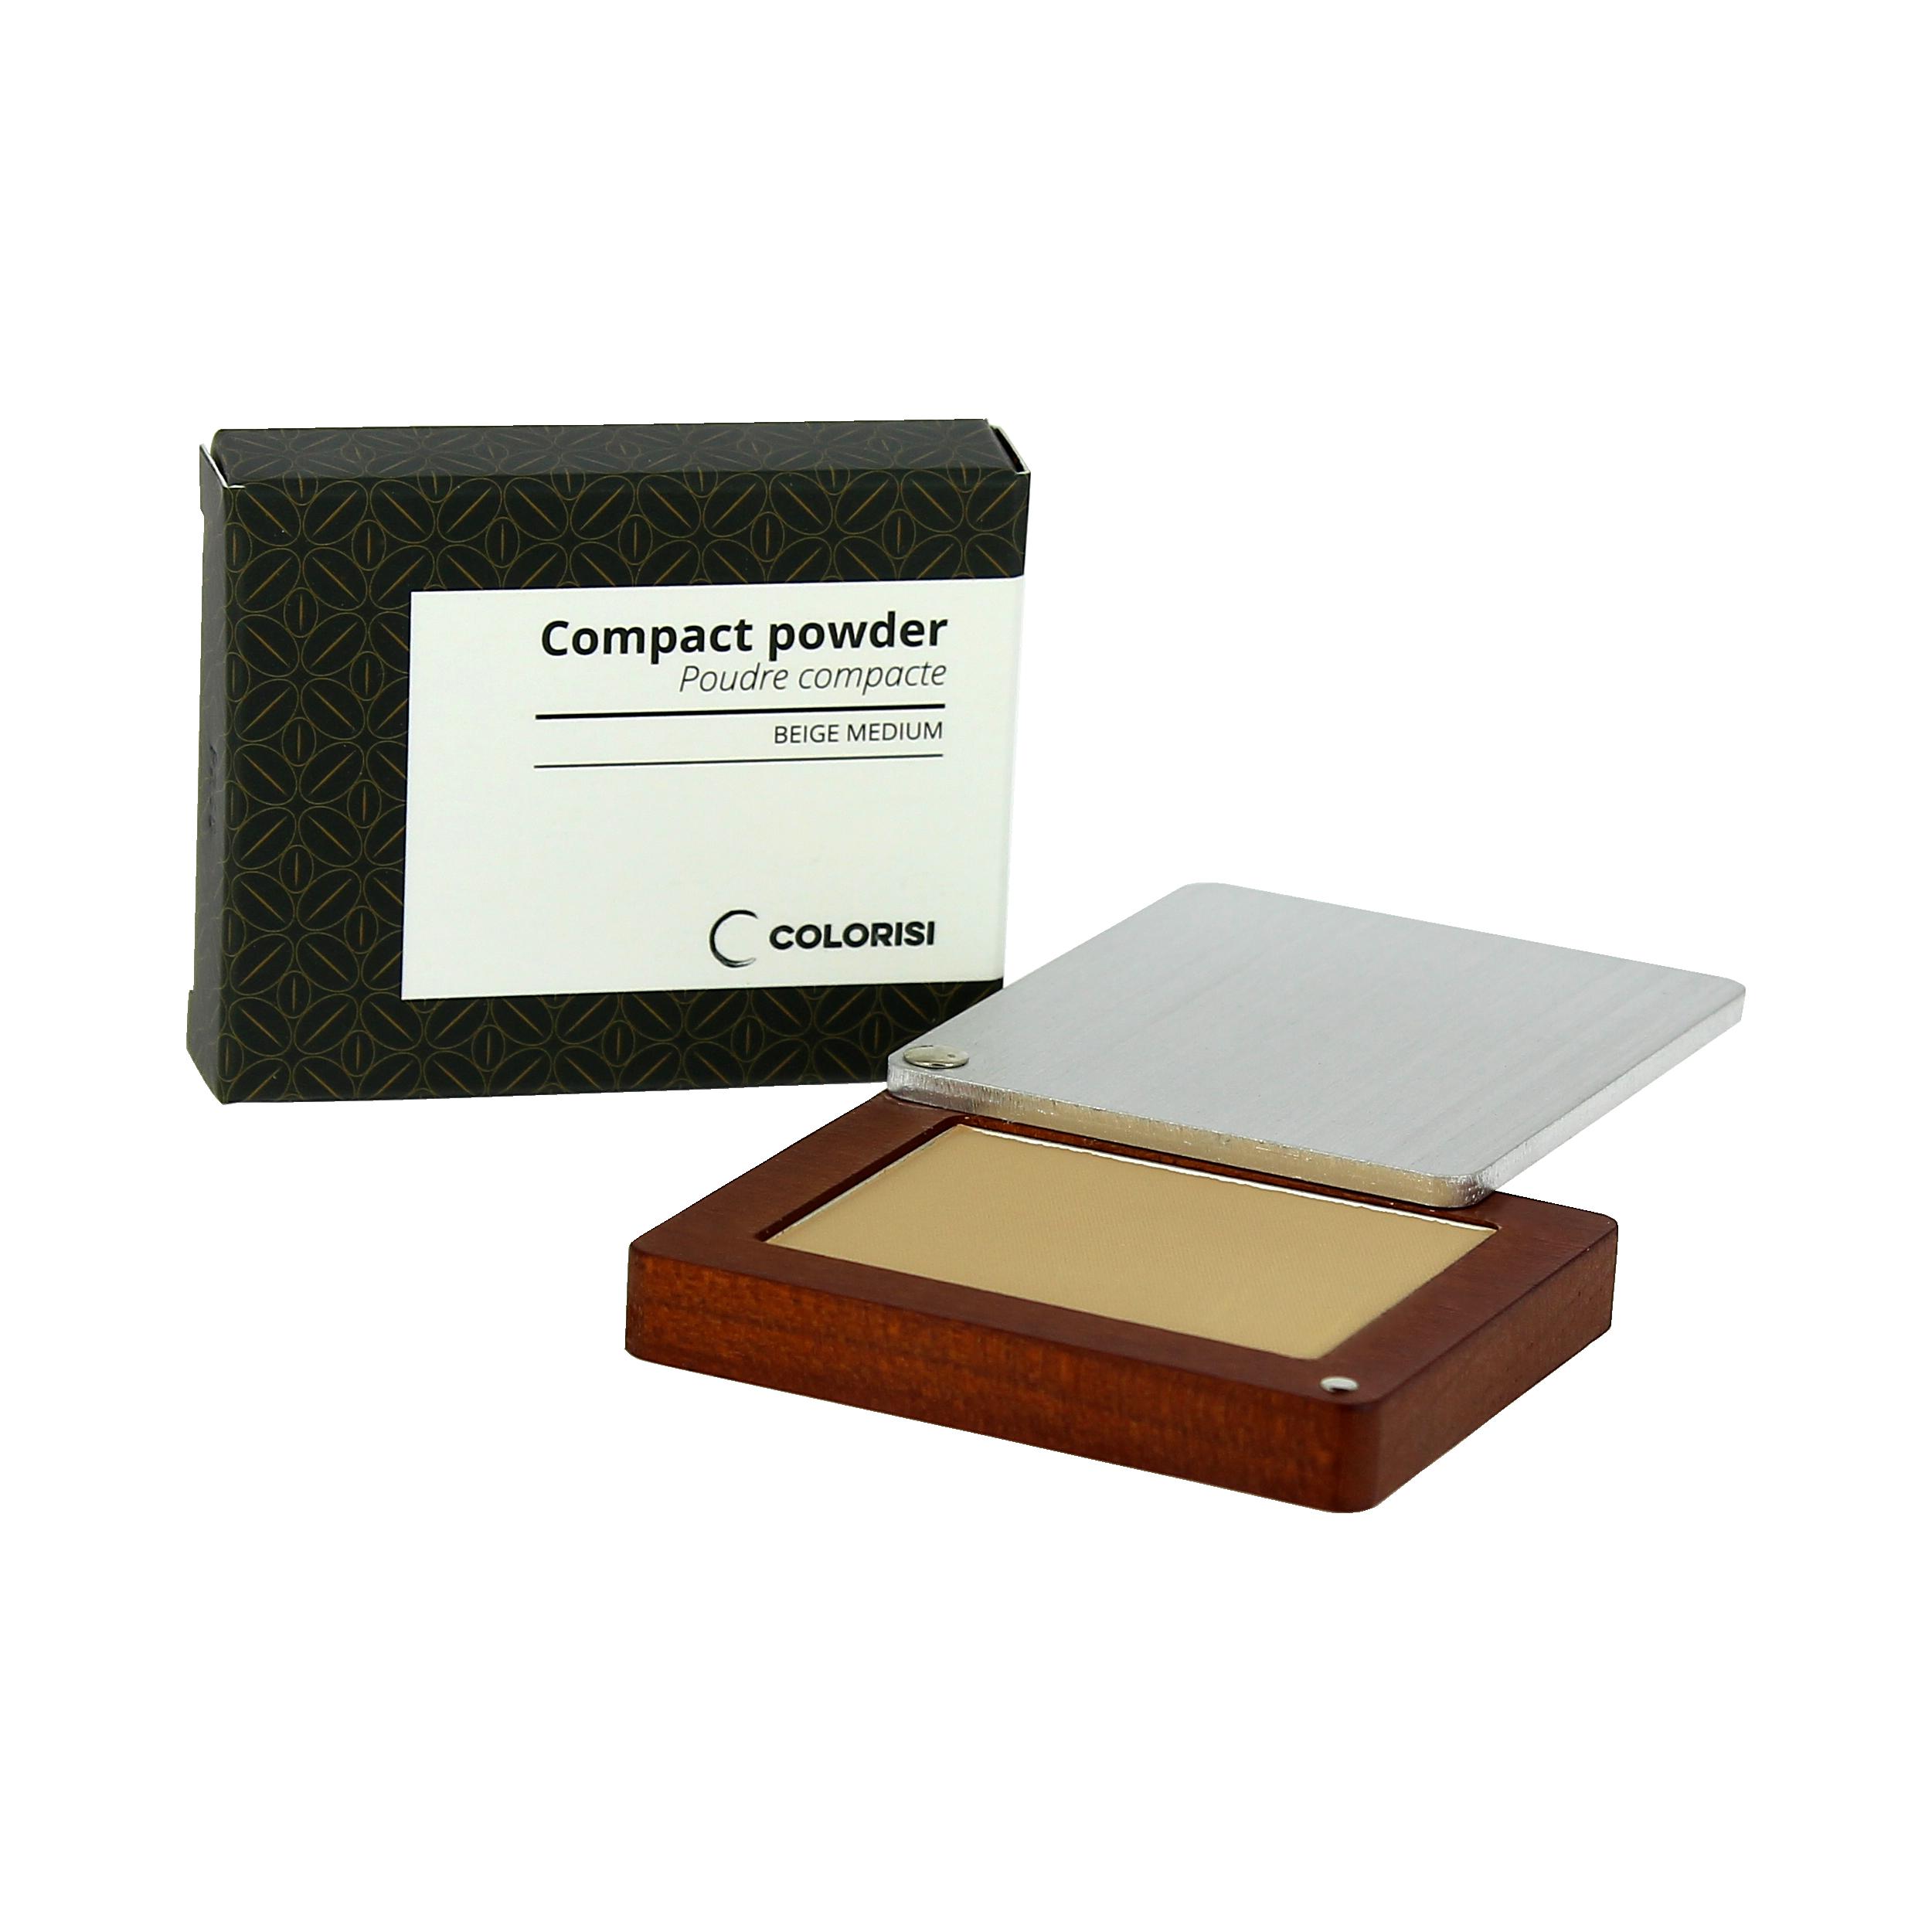 Doux Good - Colorisi - Poudre compacte - Beige medium 02